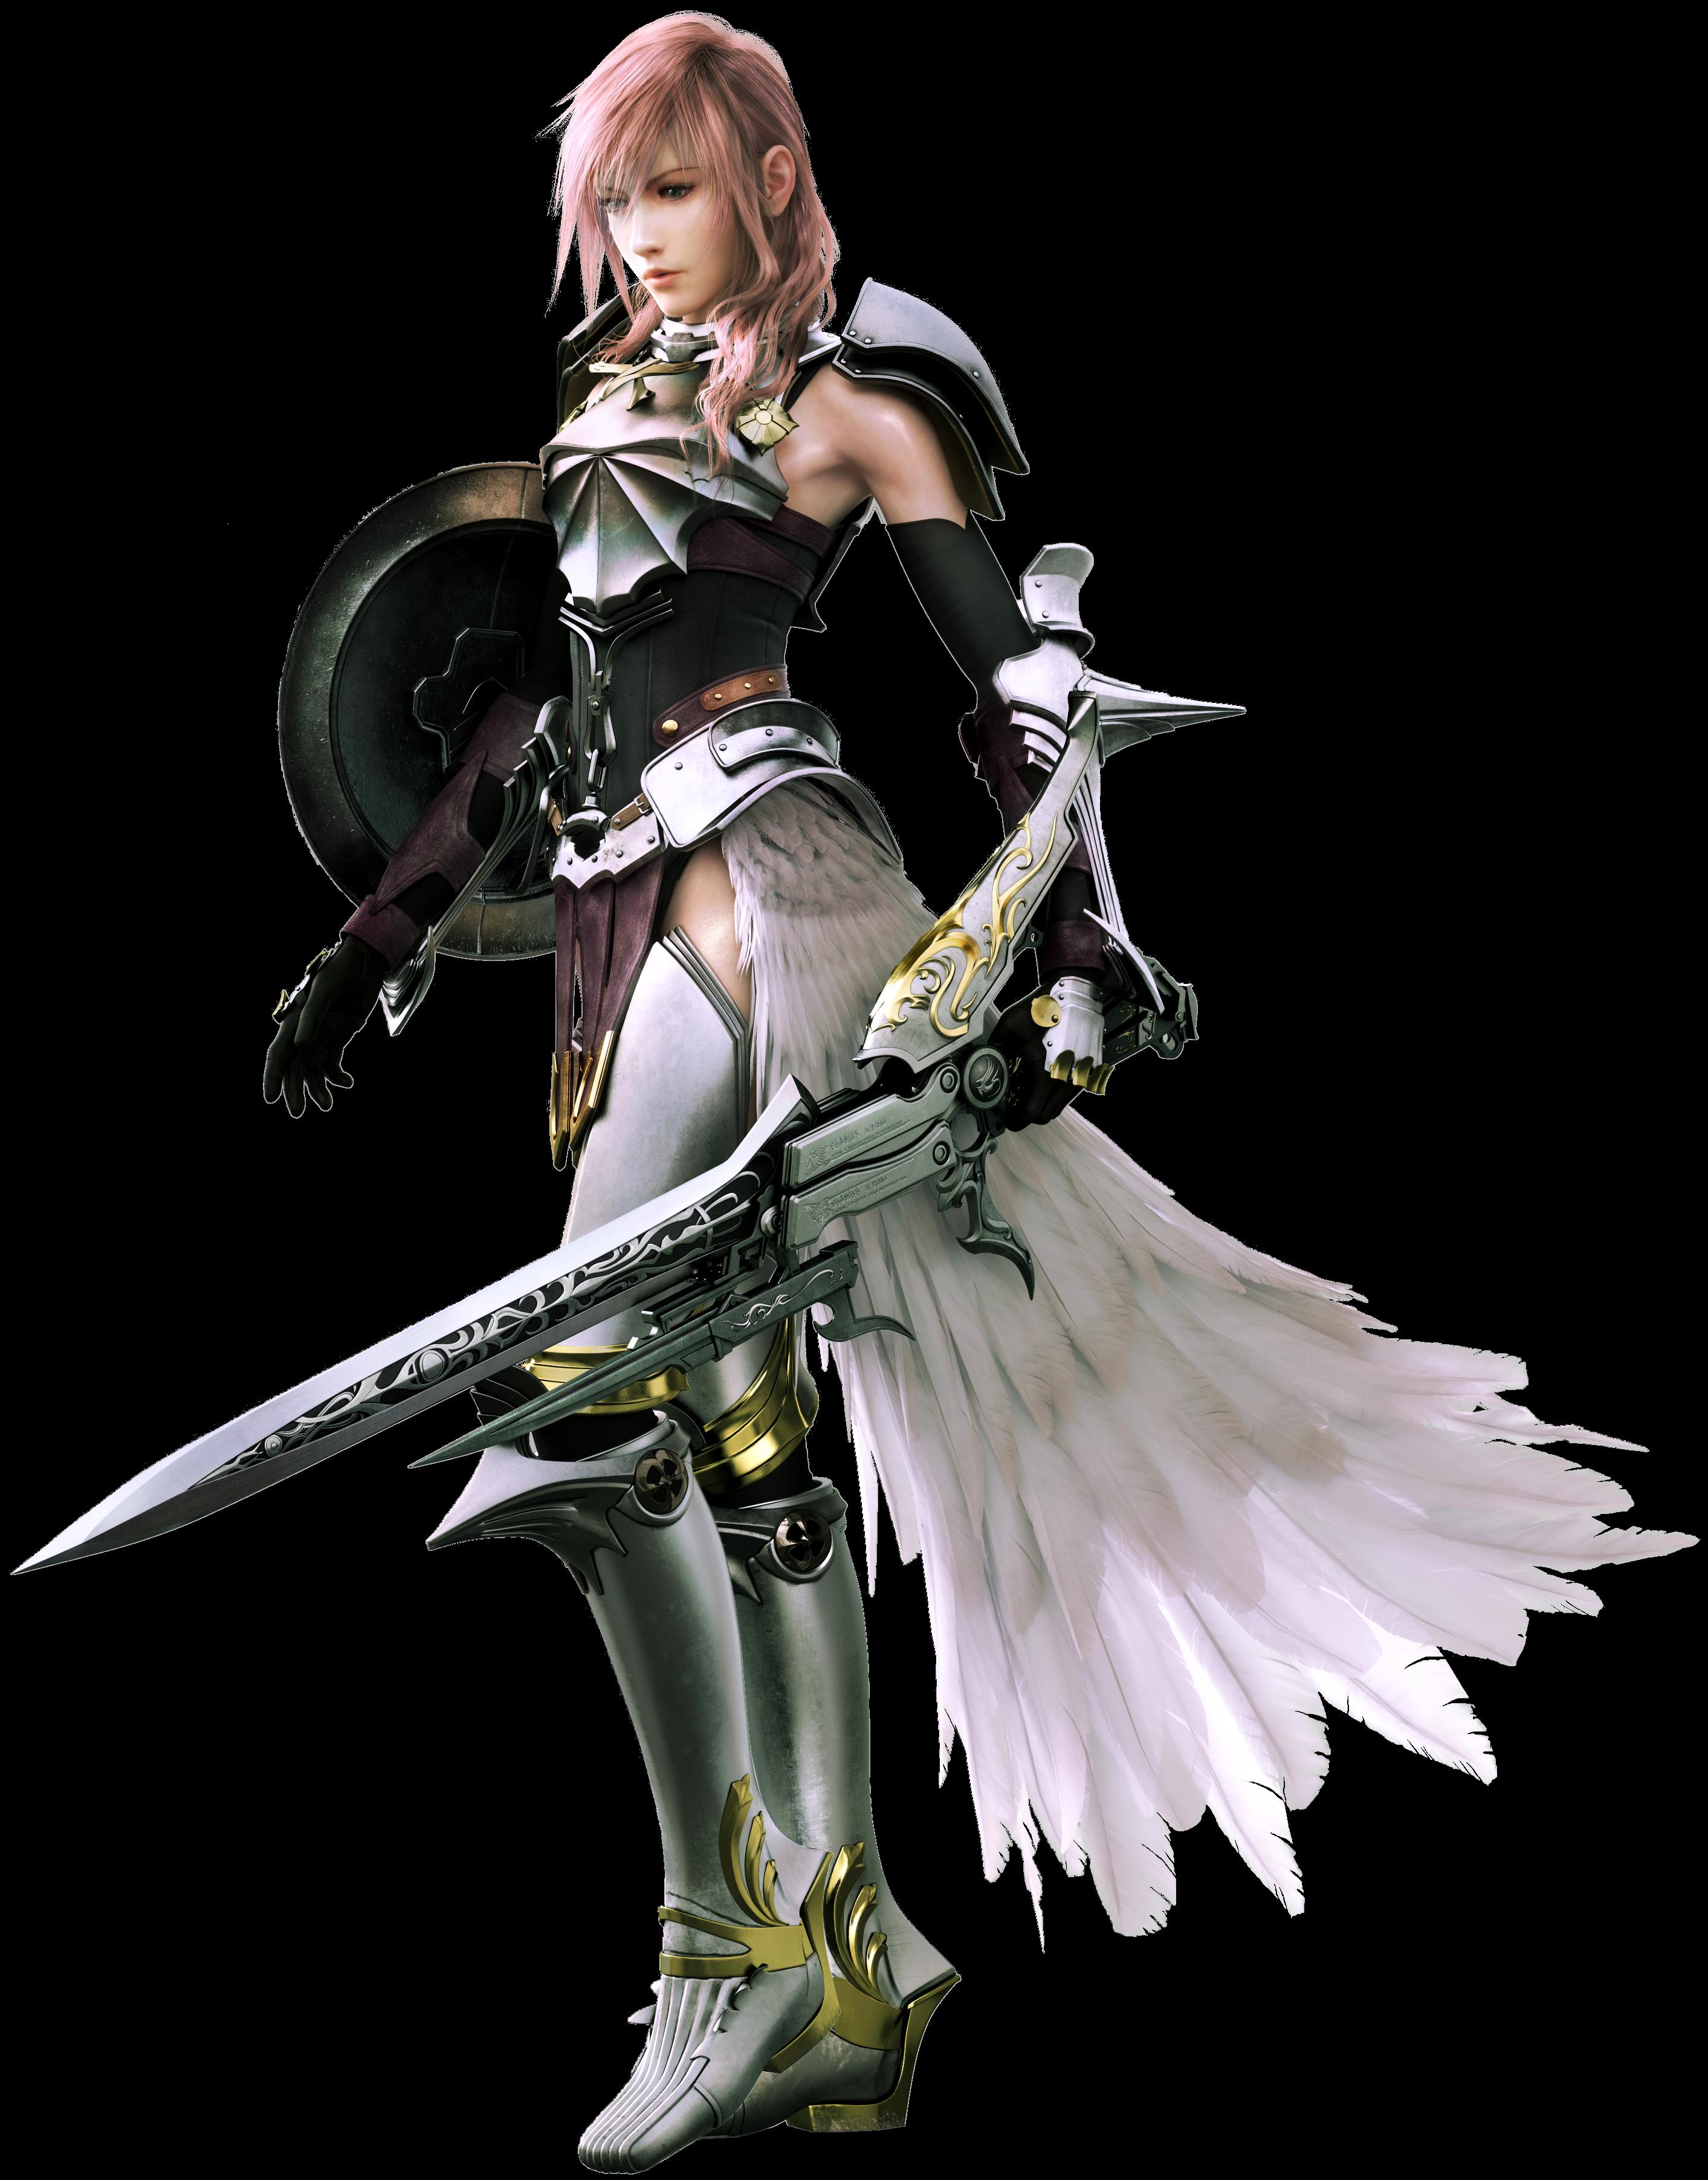 Lightning Final Fantasy 13 Side Boob